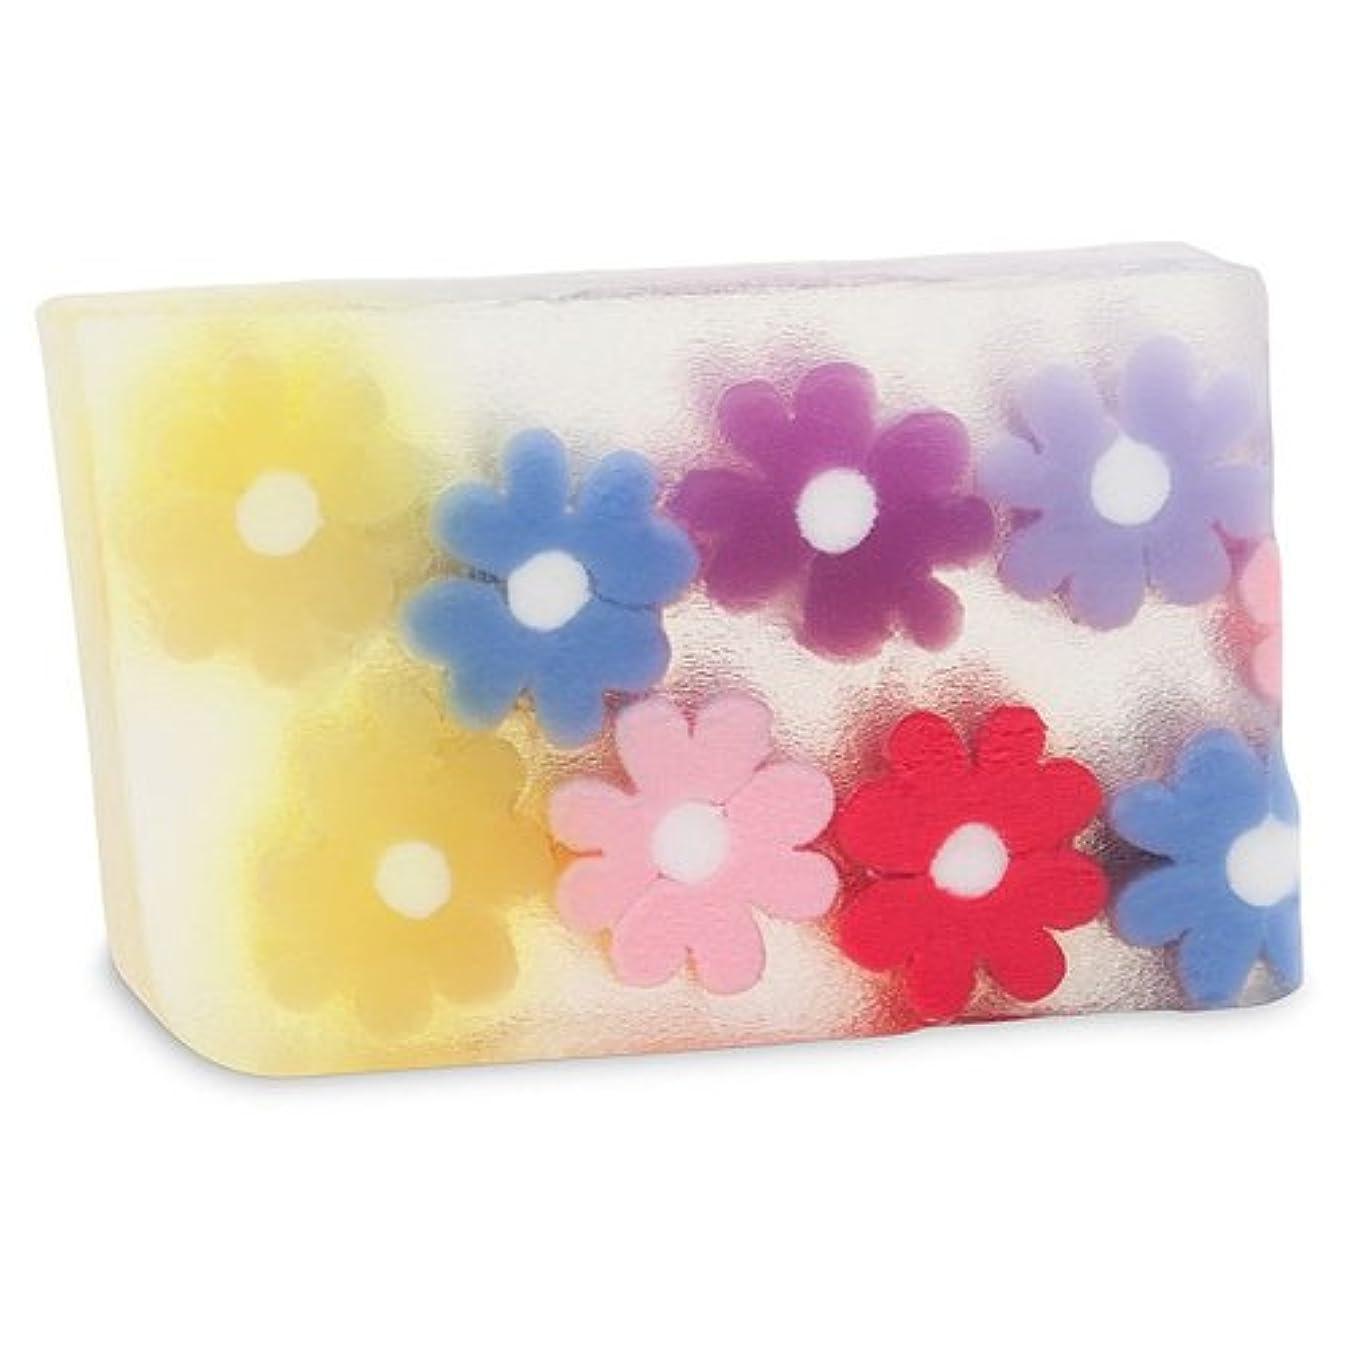 ラッドヤードキップリングコンプリート遮るプライモールエレメンツ アロマティック ソープ フラワーショップ 180g 植物性 ナチュラル 石鹸 無添加